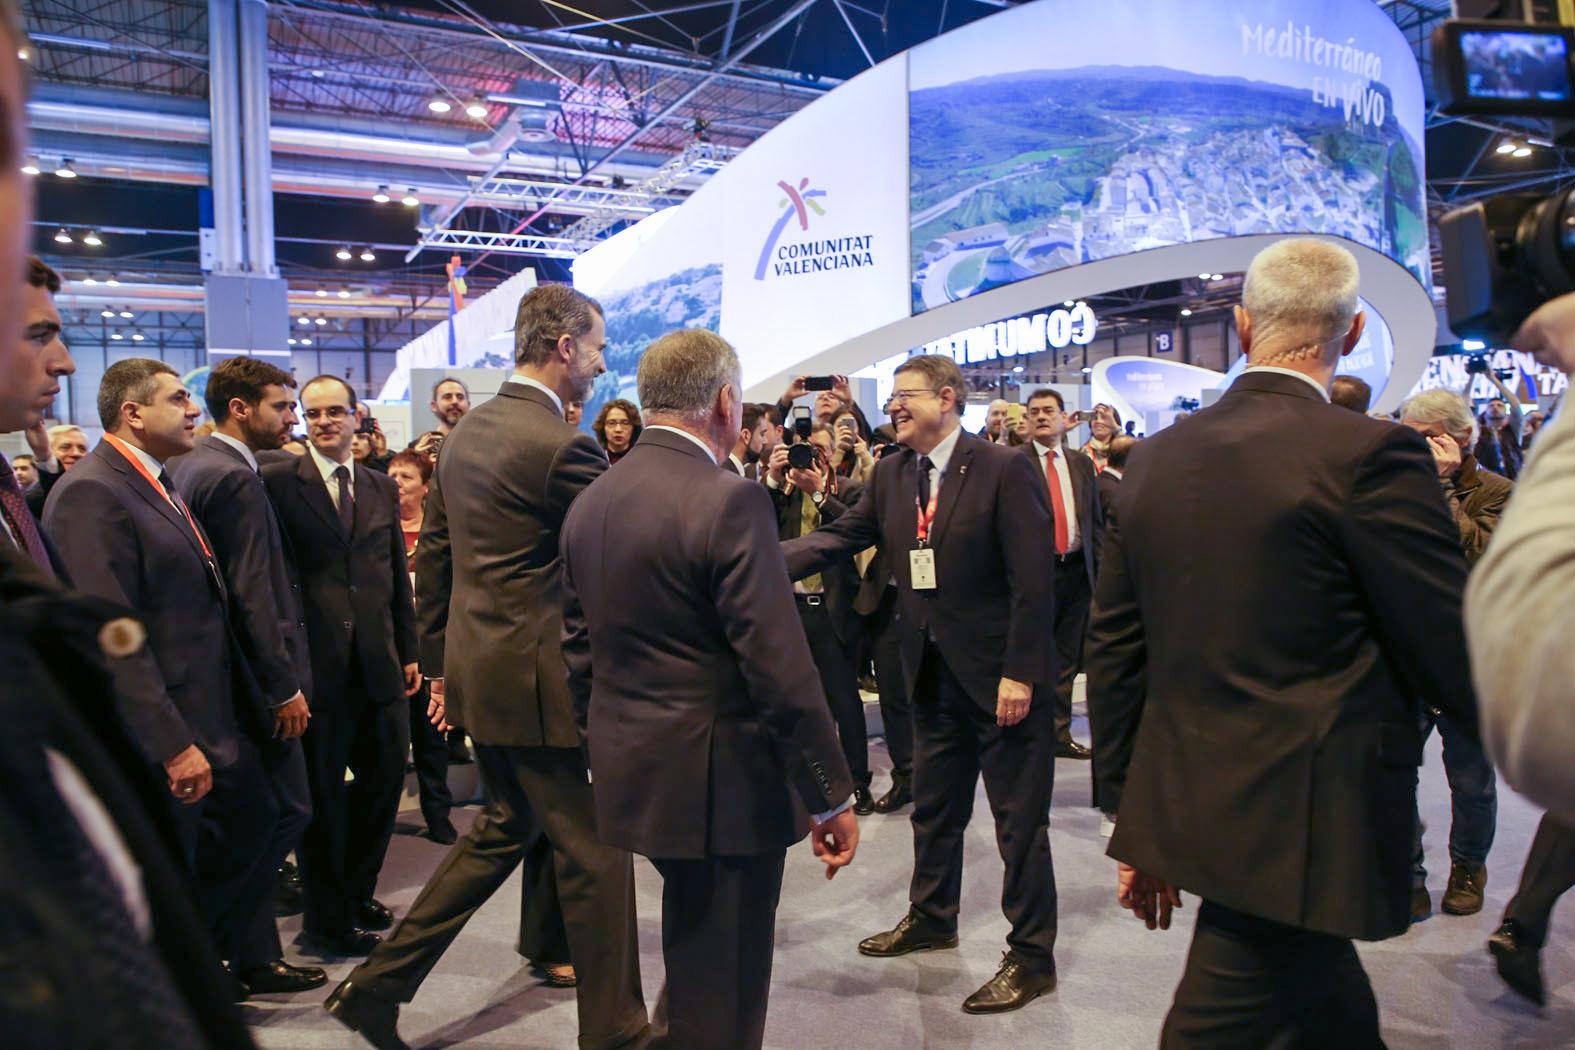 El president de la Generalitat, Ximo Puig, ha recibido a Sus Majestades los Reyes don Felipe y doña Letizia en el estand de la Comunitat Valenciana en la Feria Internacional de Turismo (Fitur).